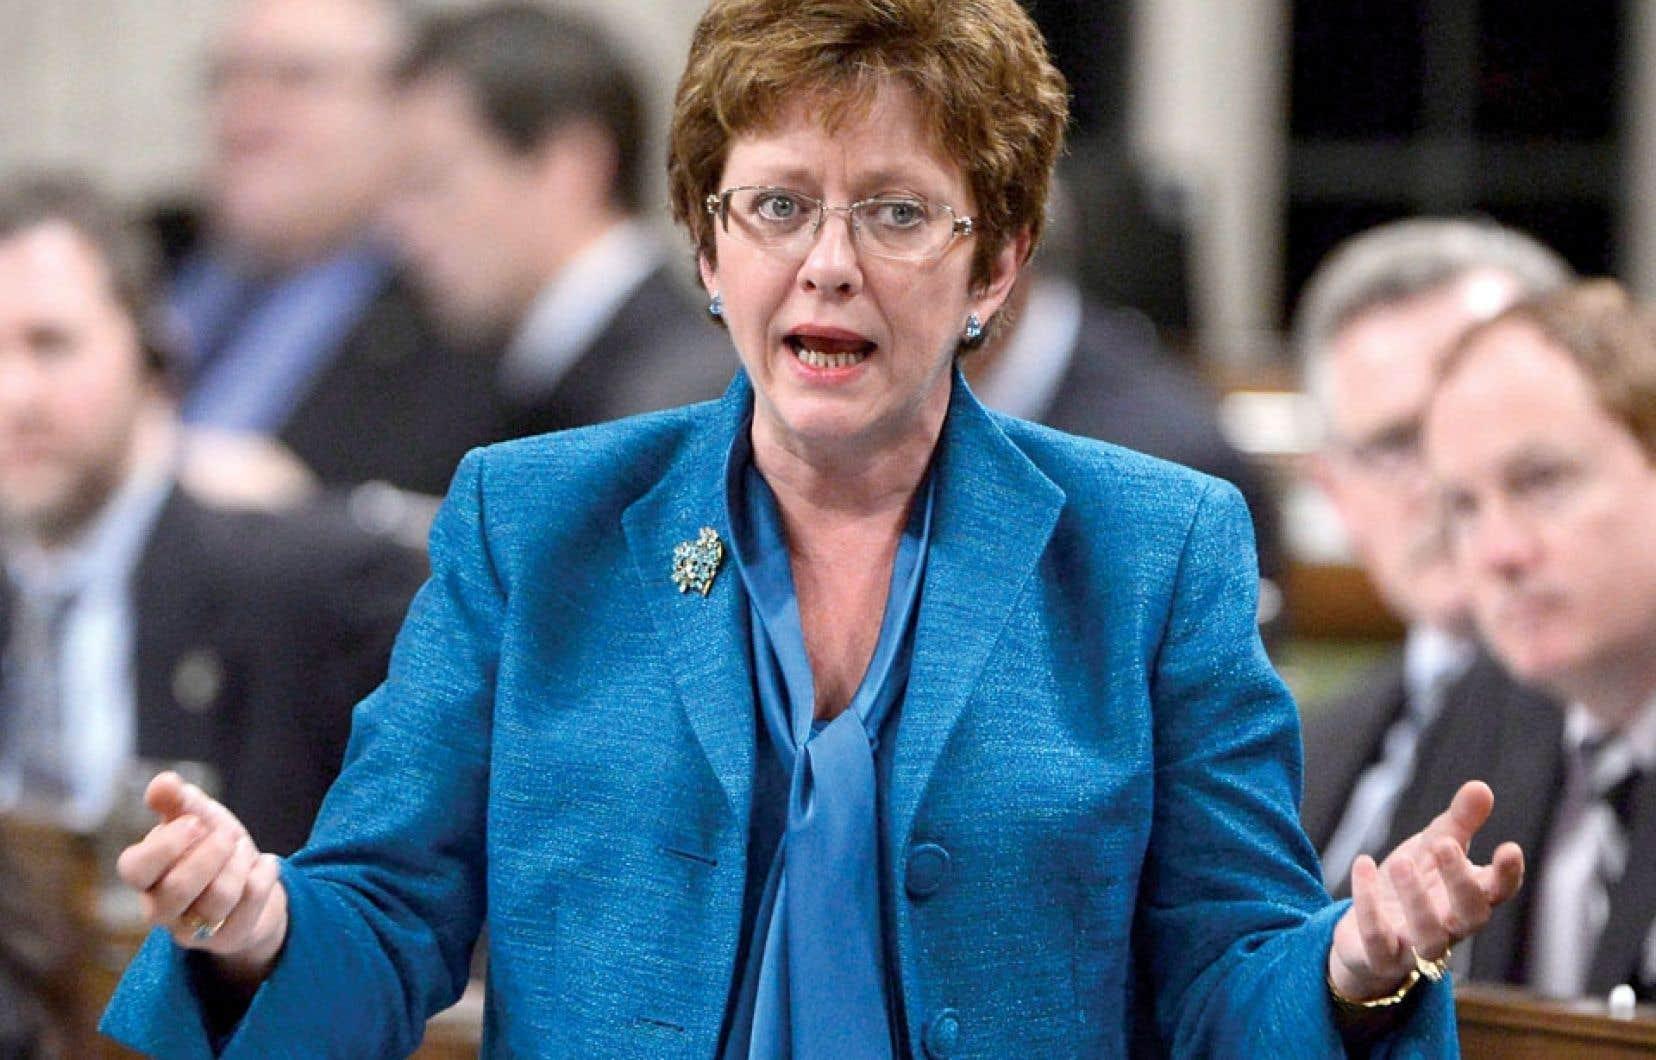 <div> La ministre Diane Finley a été forcée de se lever pour répondre au feu roulant de critiques.</div>